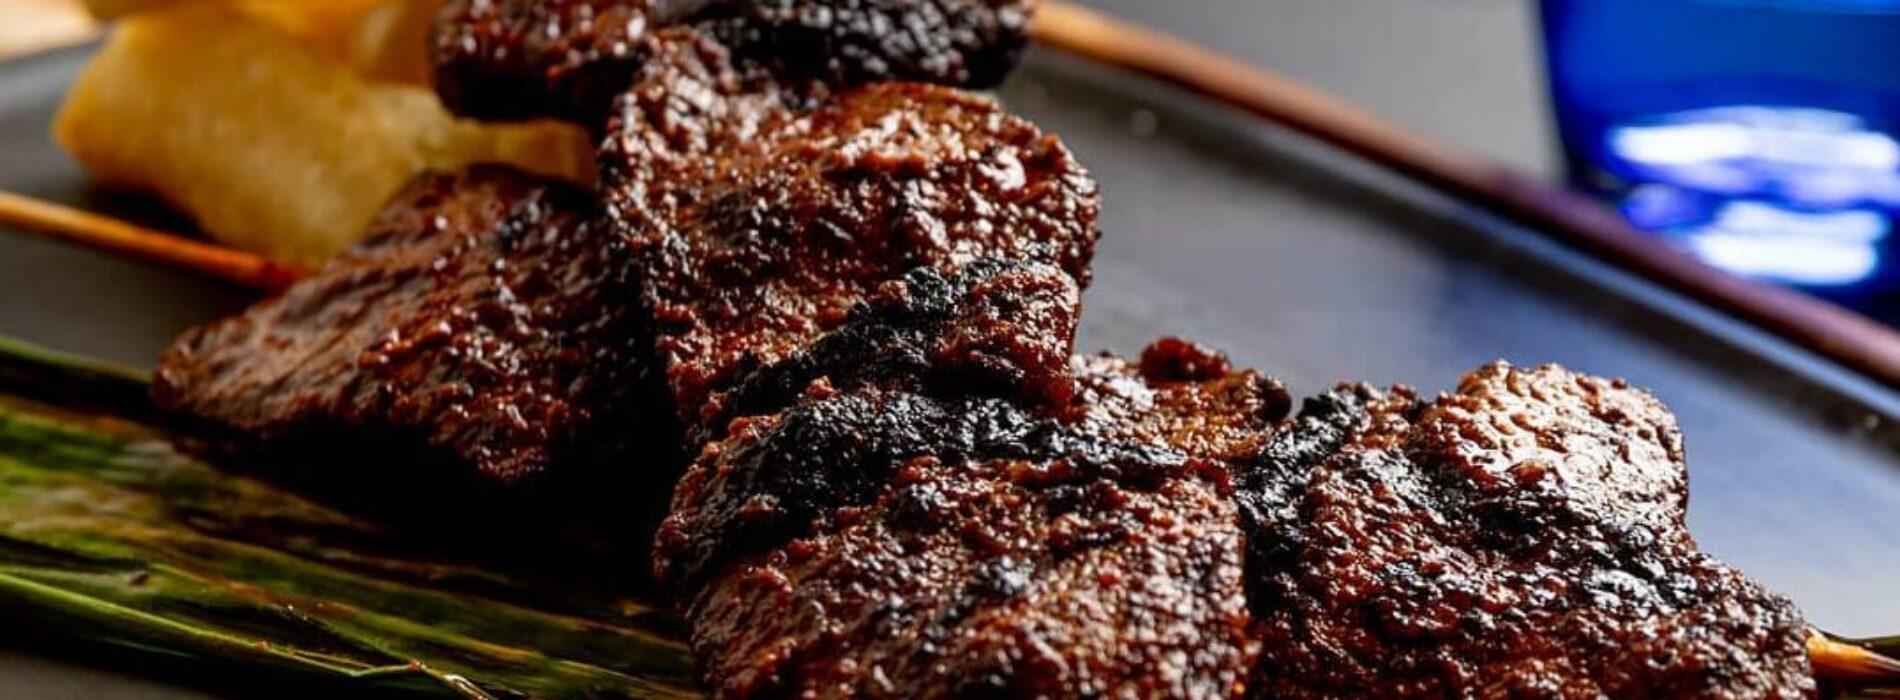 Eventi food Roma settembre 2020, cene speciali degustazioni e aperitivi